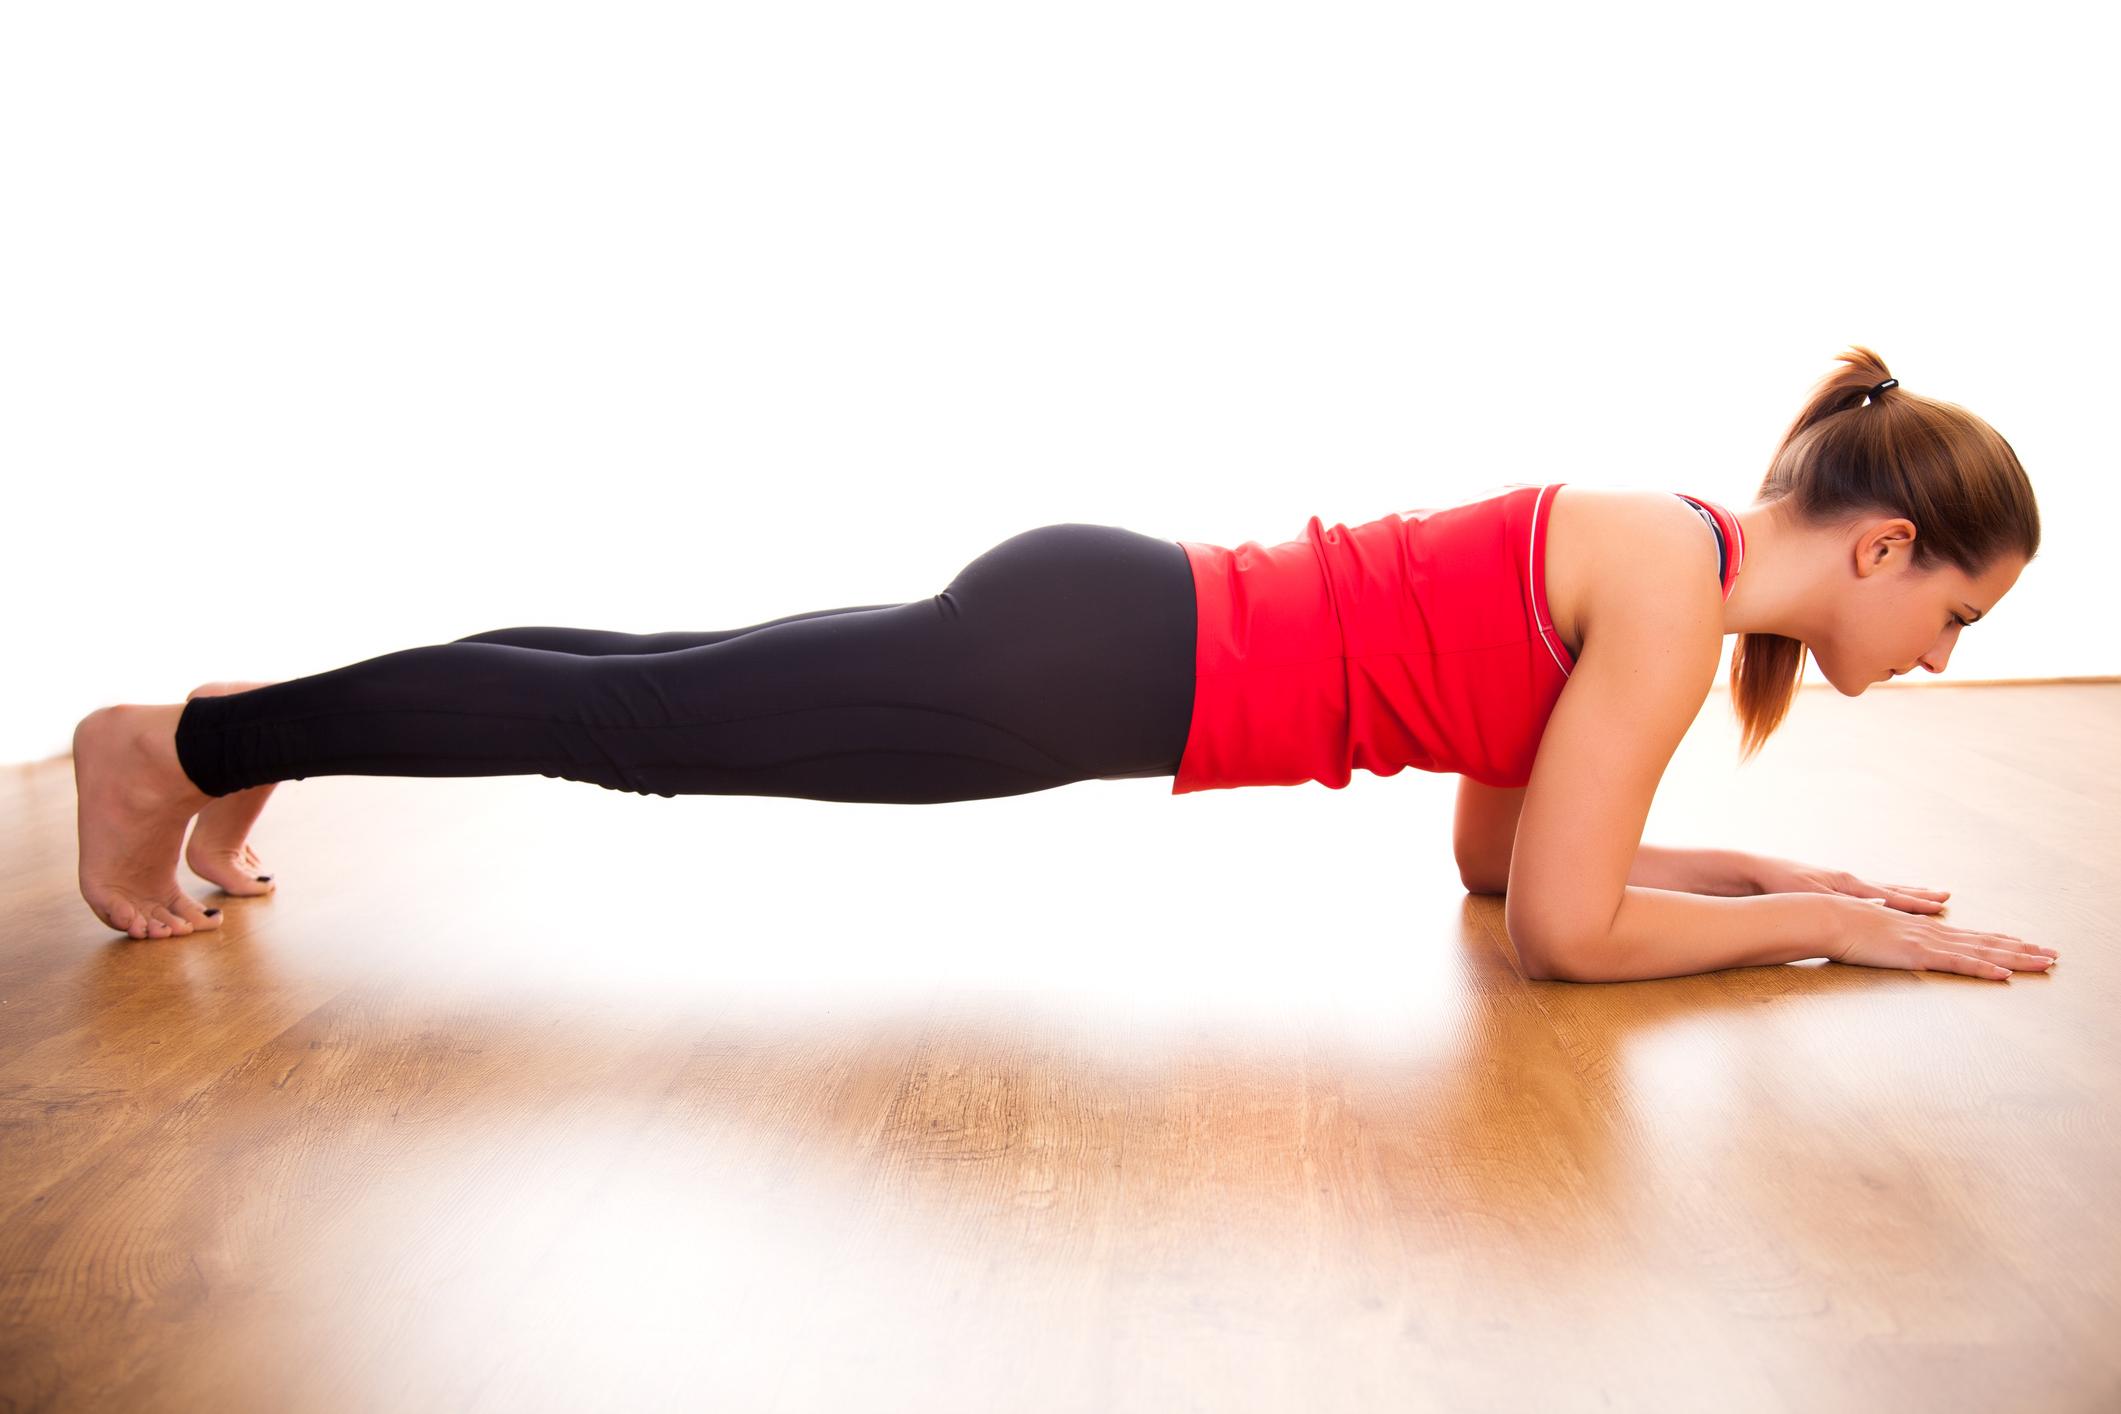 Скільки стояти в планці: вчені виявили максимально корисний час вправи